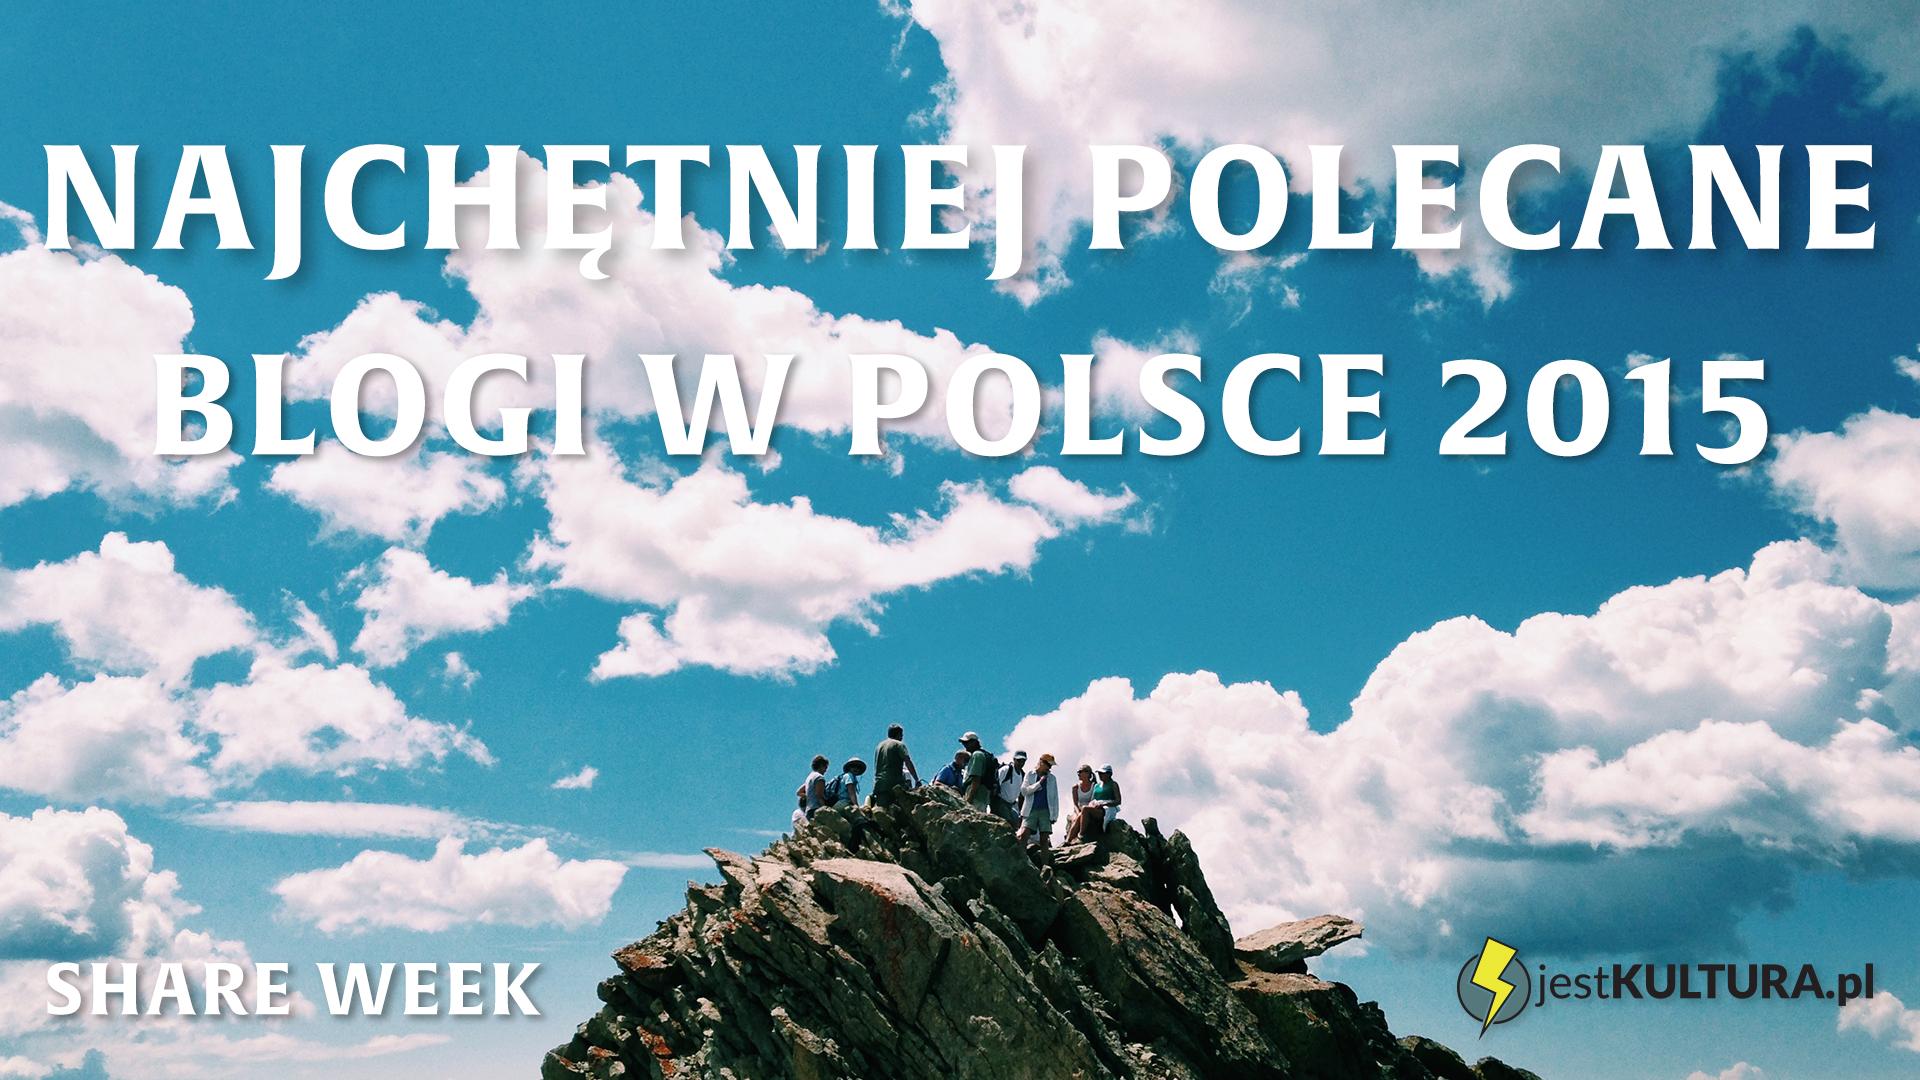 Najchętniej polecane blogi w Polsce 2015 - wyniki SHARE WEEK